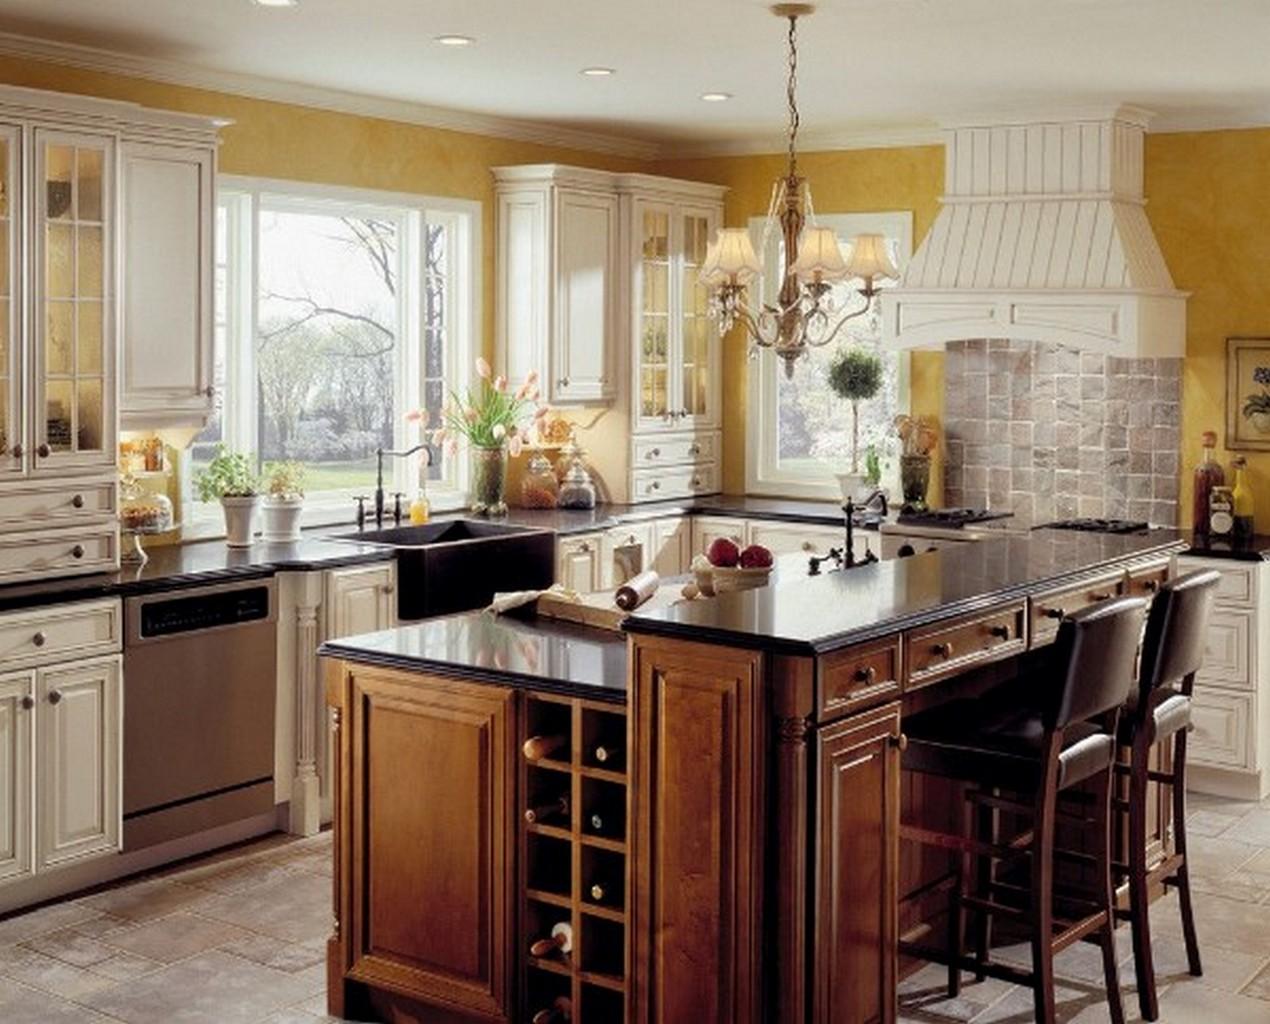 светлая кухня в английском стиле отделка стен жёлтой краской